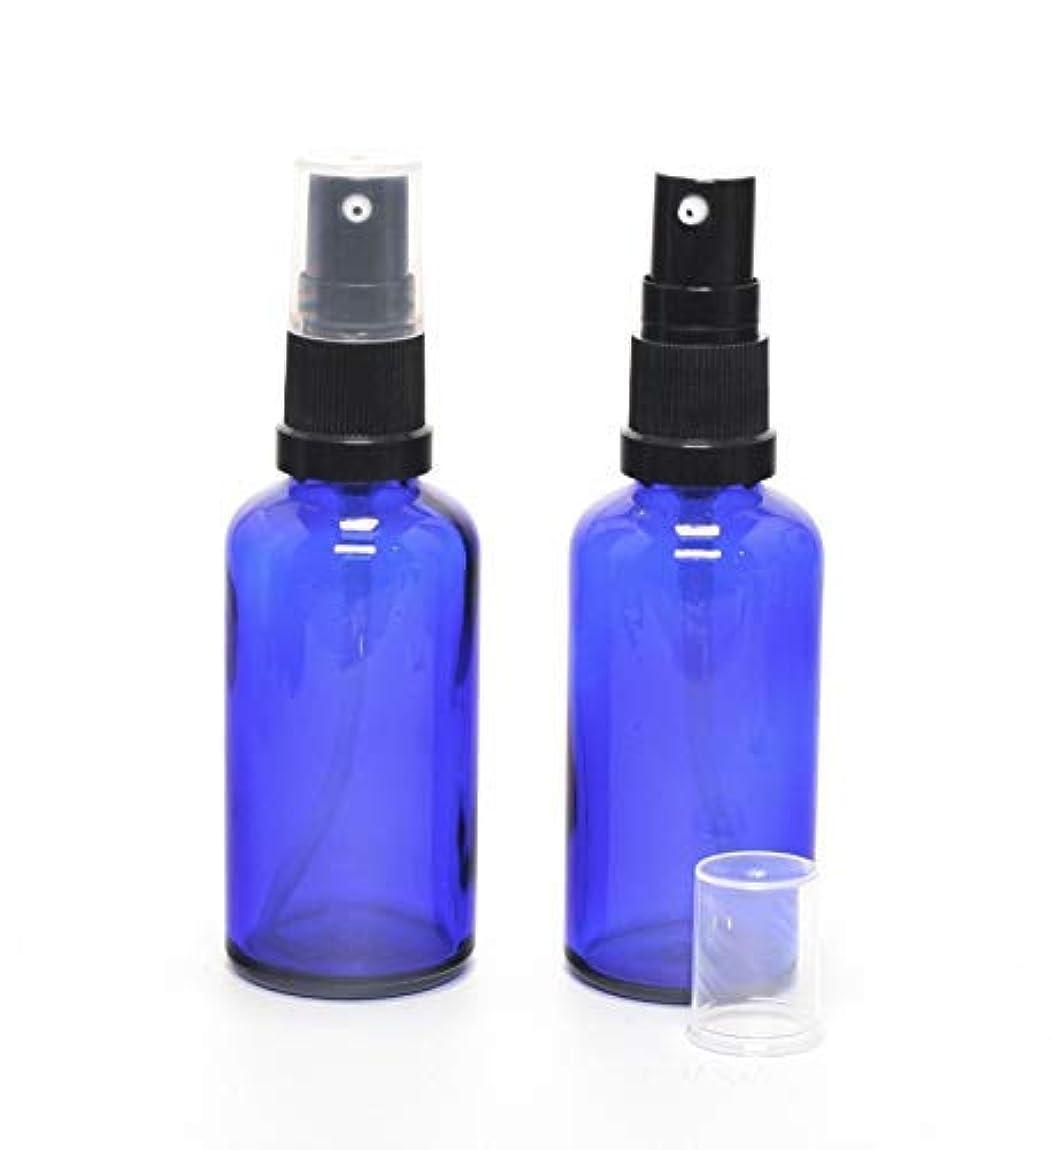 イタリアのクリープメロン遮光瓶 (硝子)ポンプボトル 50ml (フィンガープッシュタイプ) / 2本セット (ブルー?ブラックヘッド)